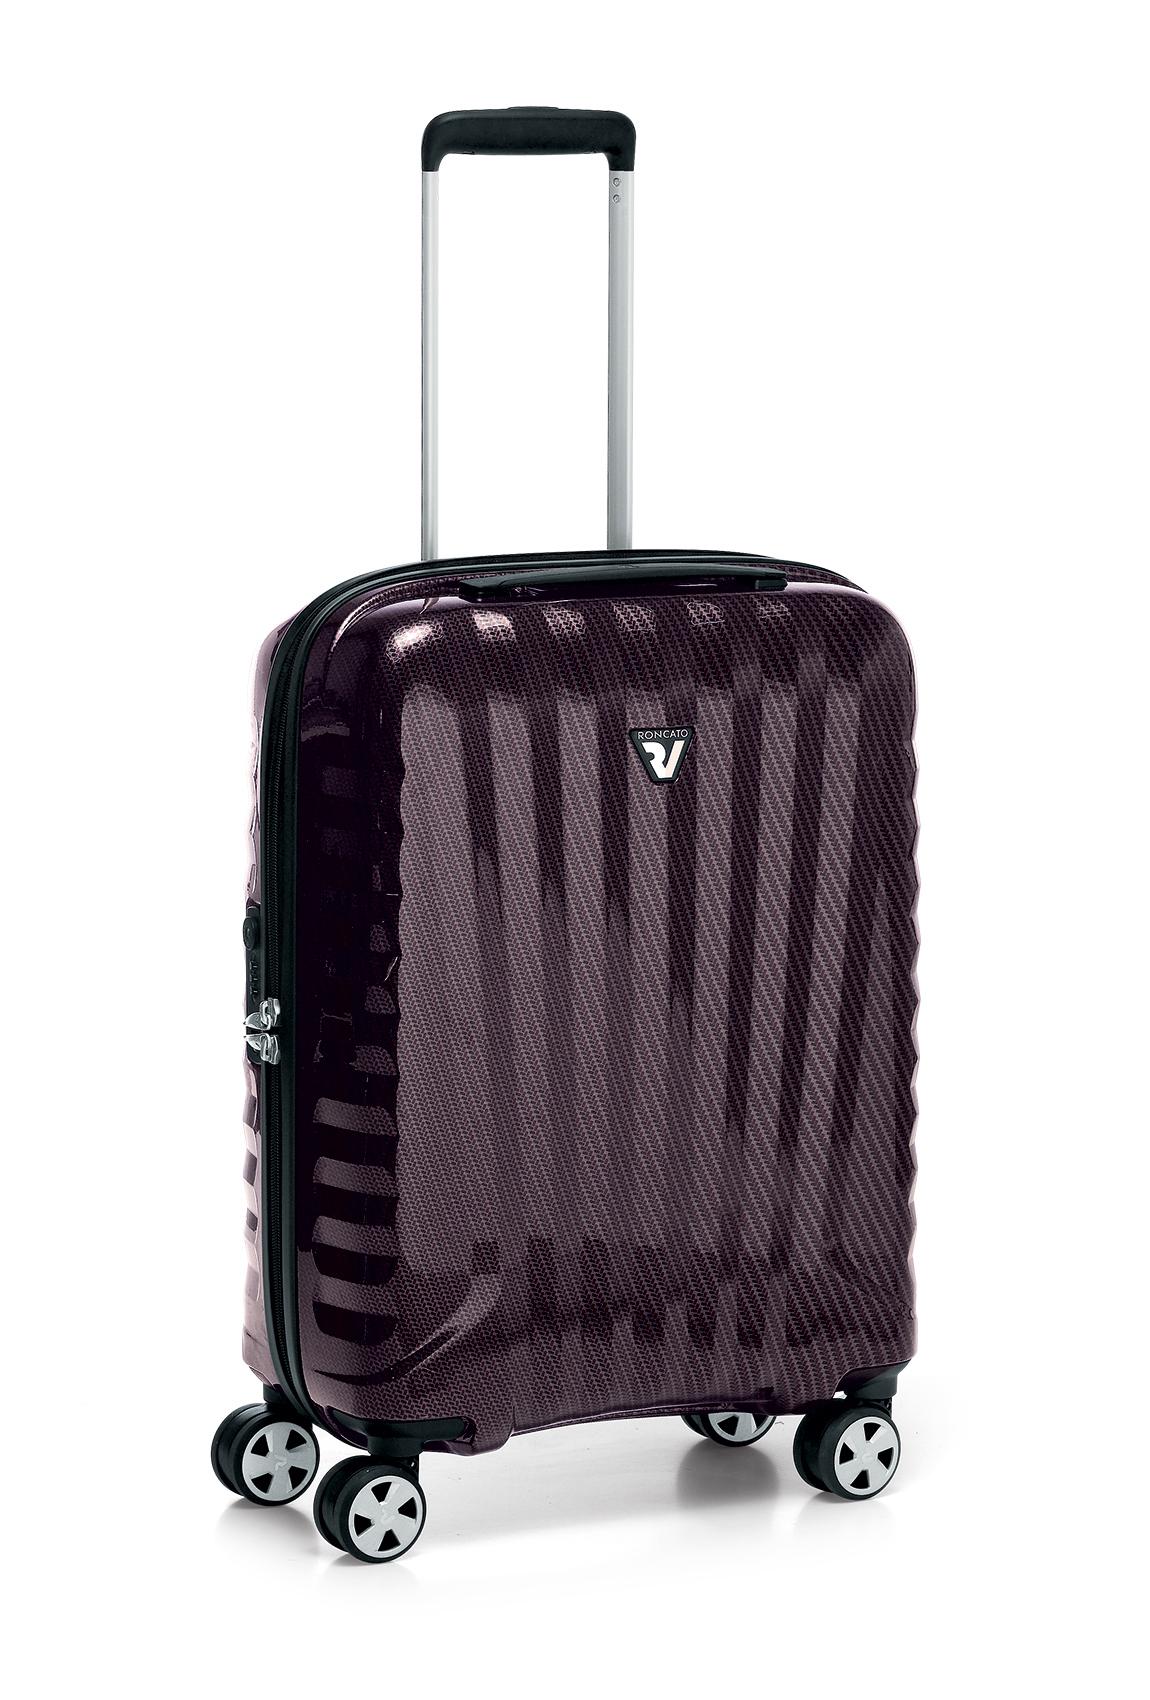 Roncato Italian Designer Premium Carbon 4 Wheel Cabin Bag - Bordeaux